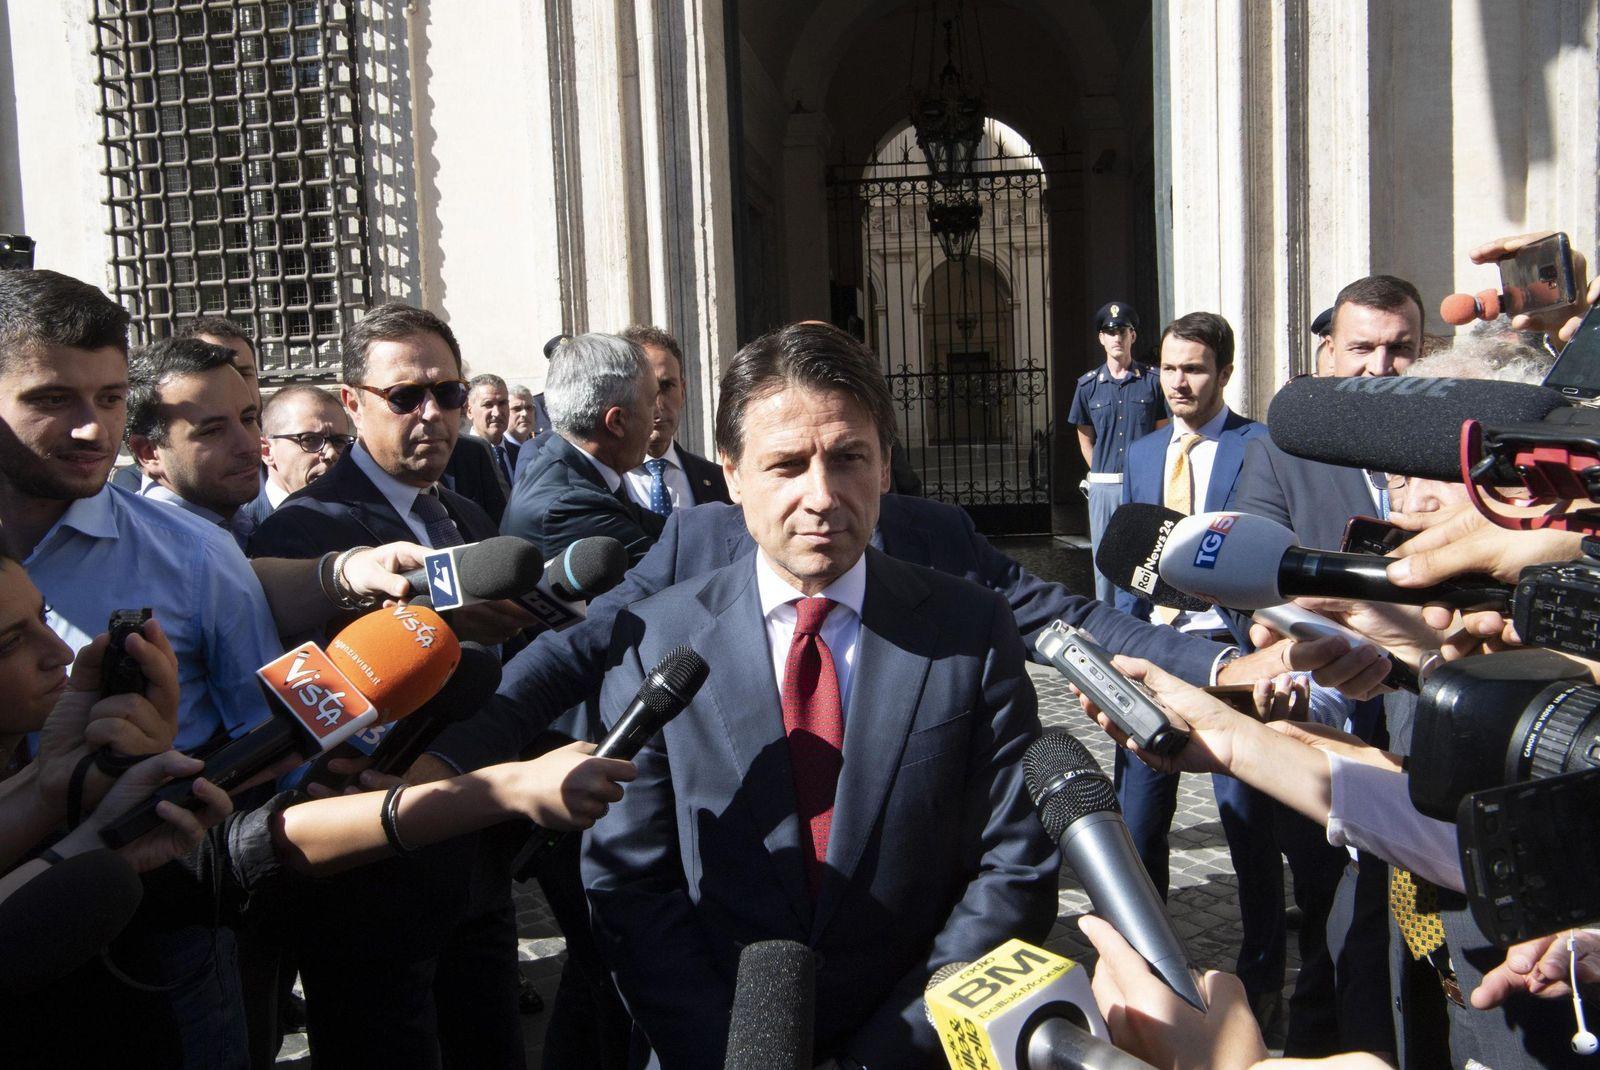 Italien plant für 2019 deutlich mehr Schulden